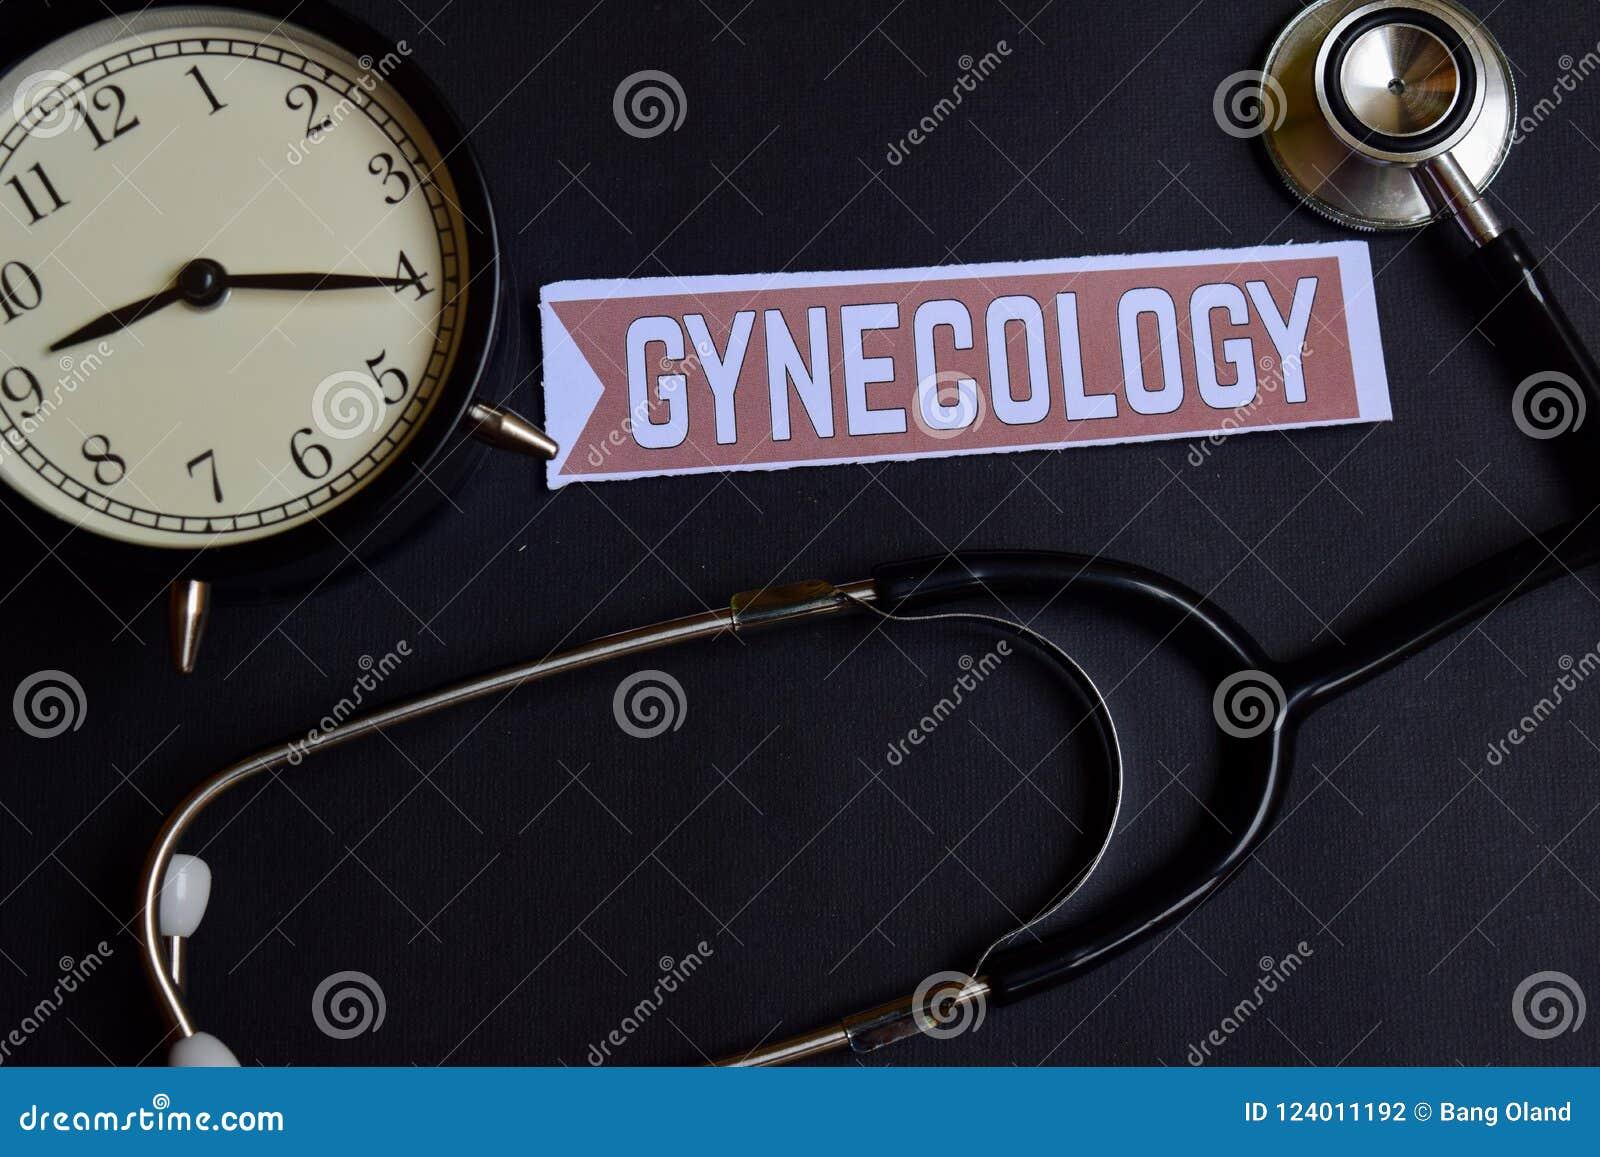 Gynäkologie auf dem Papier mit Gesundheitswesen-Konzept-Inspiration Wecker, schwarzes Stethoskop